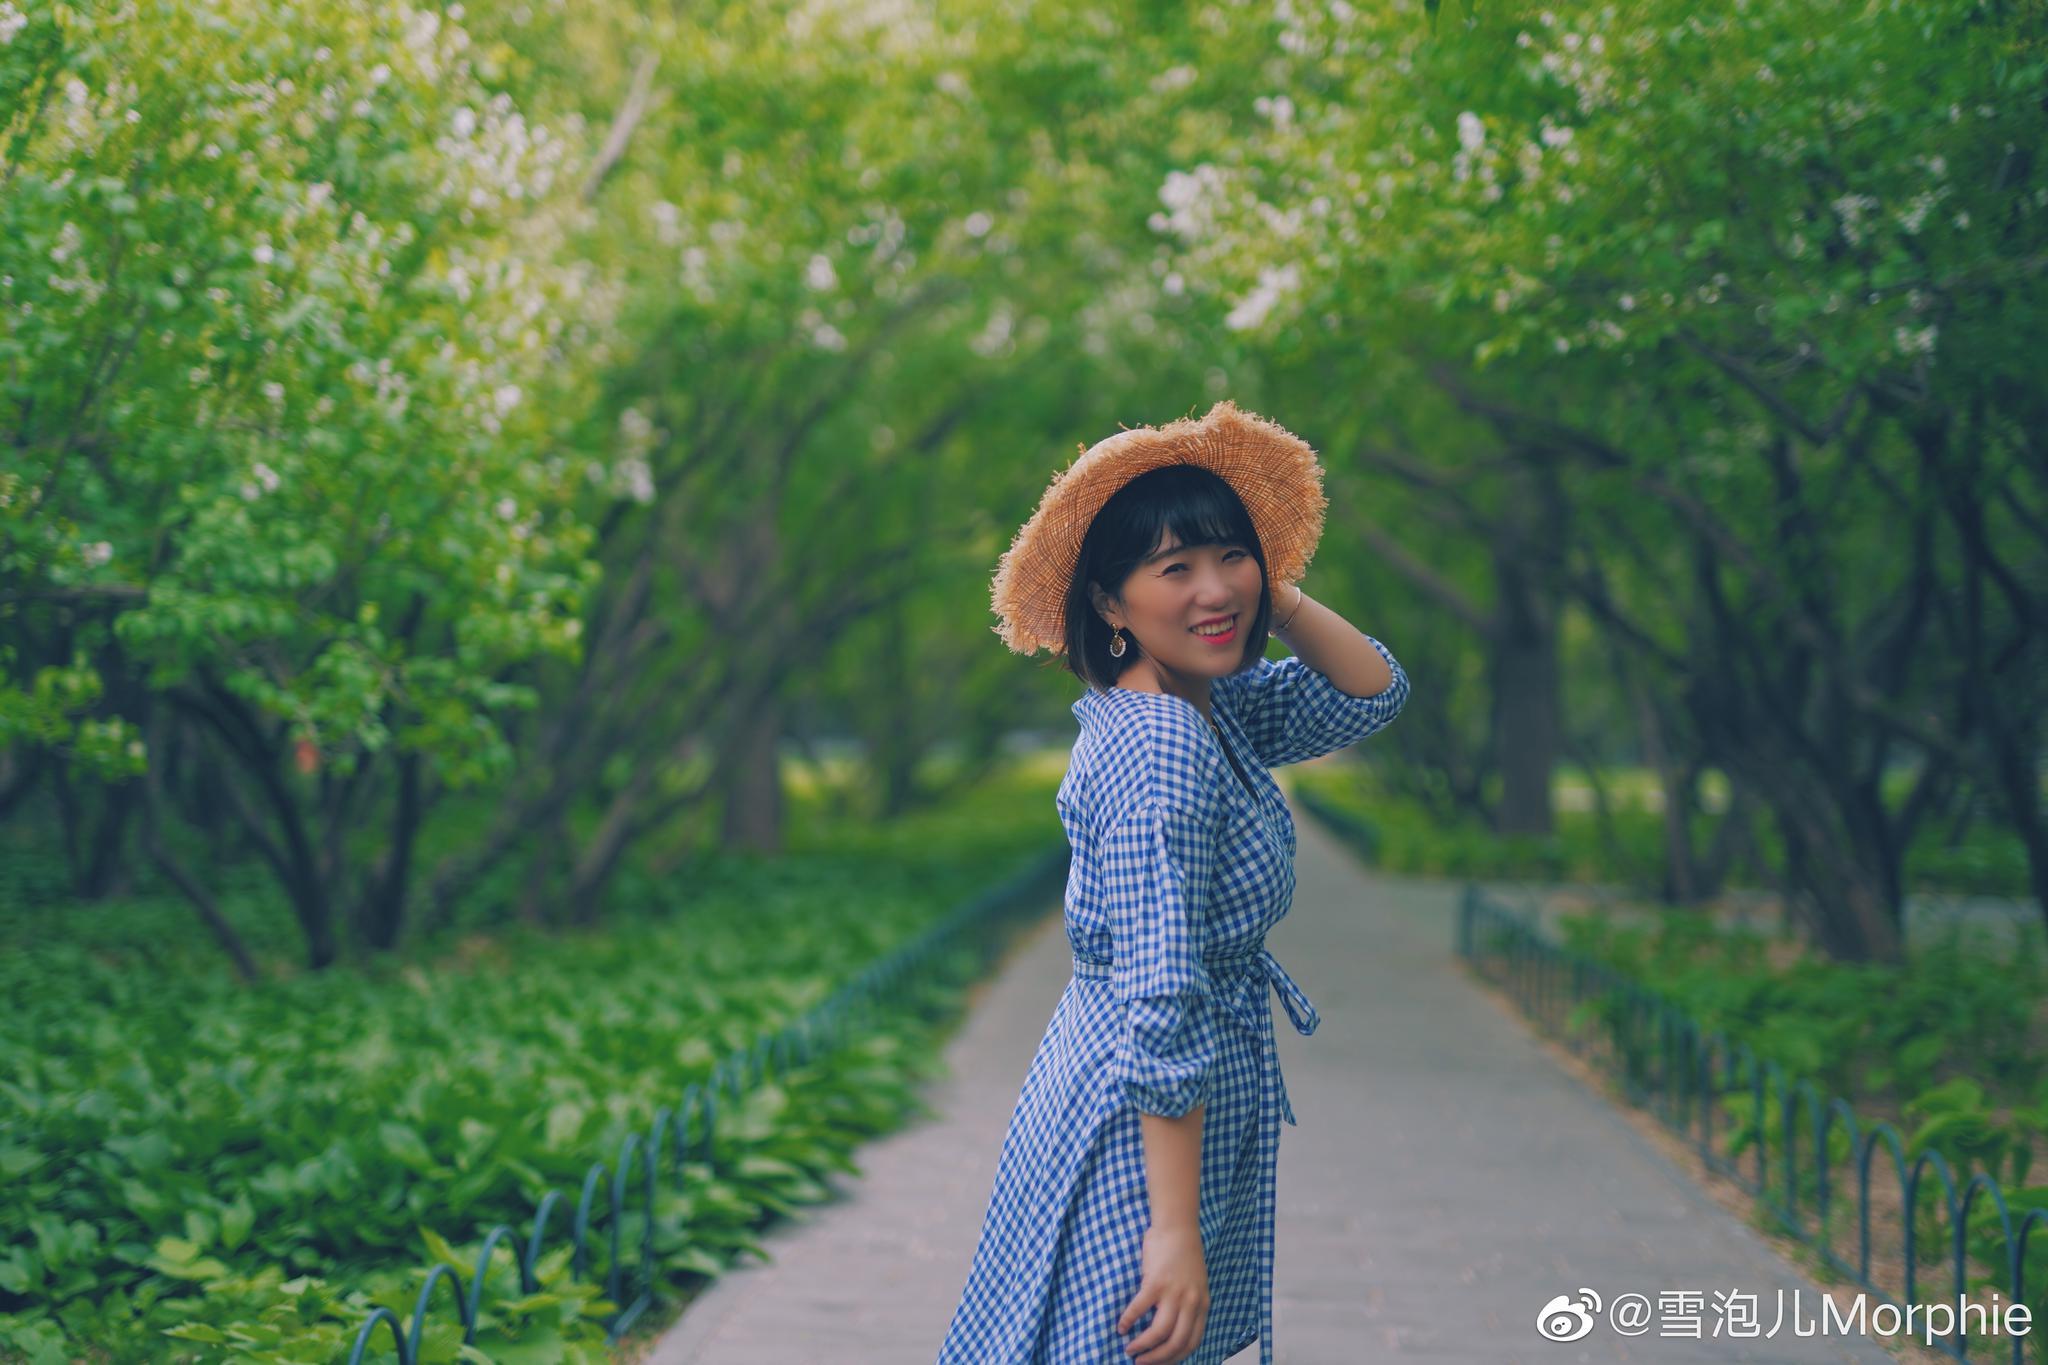 北京花季 留住春天的花朵,私藏的丁香秘密花园